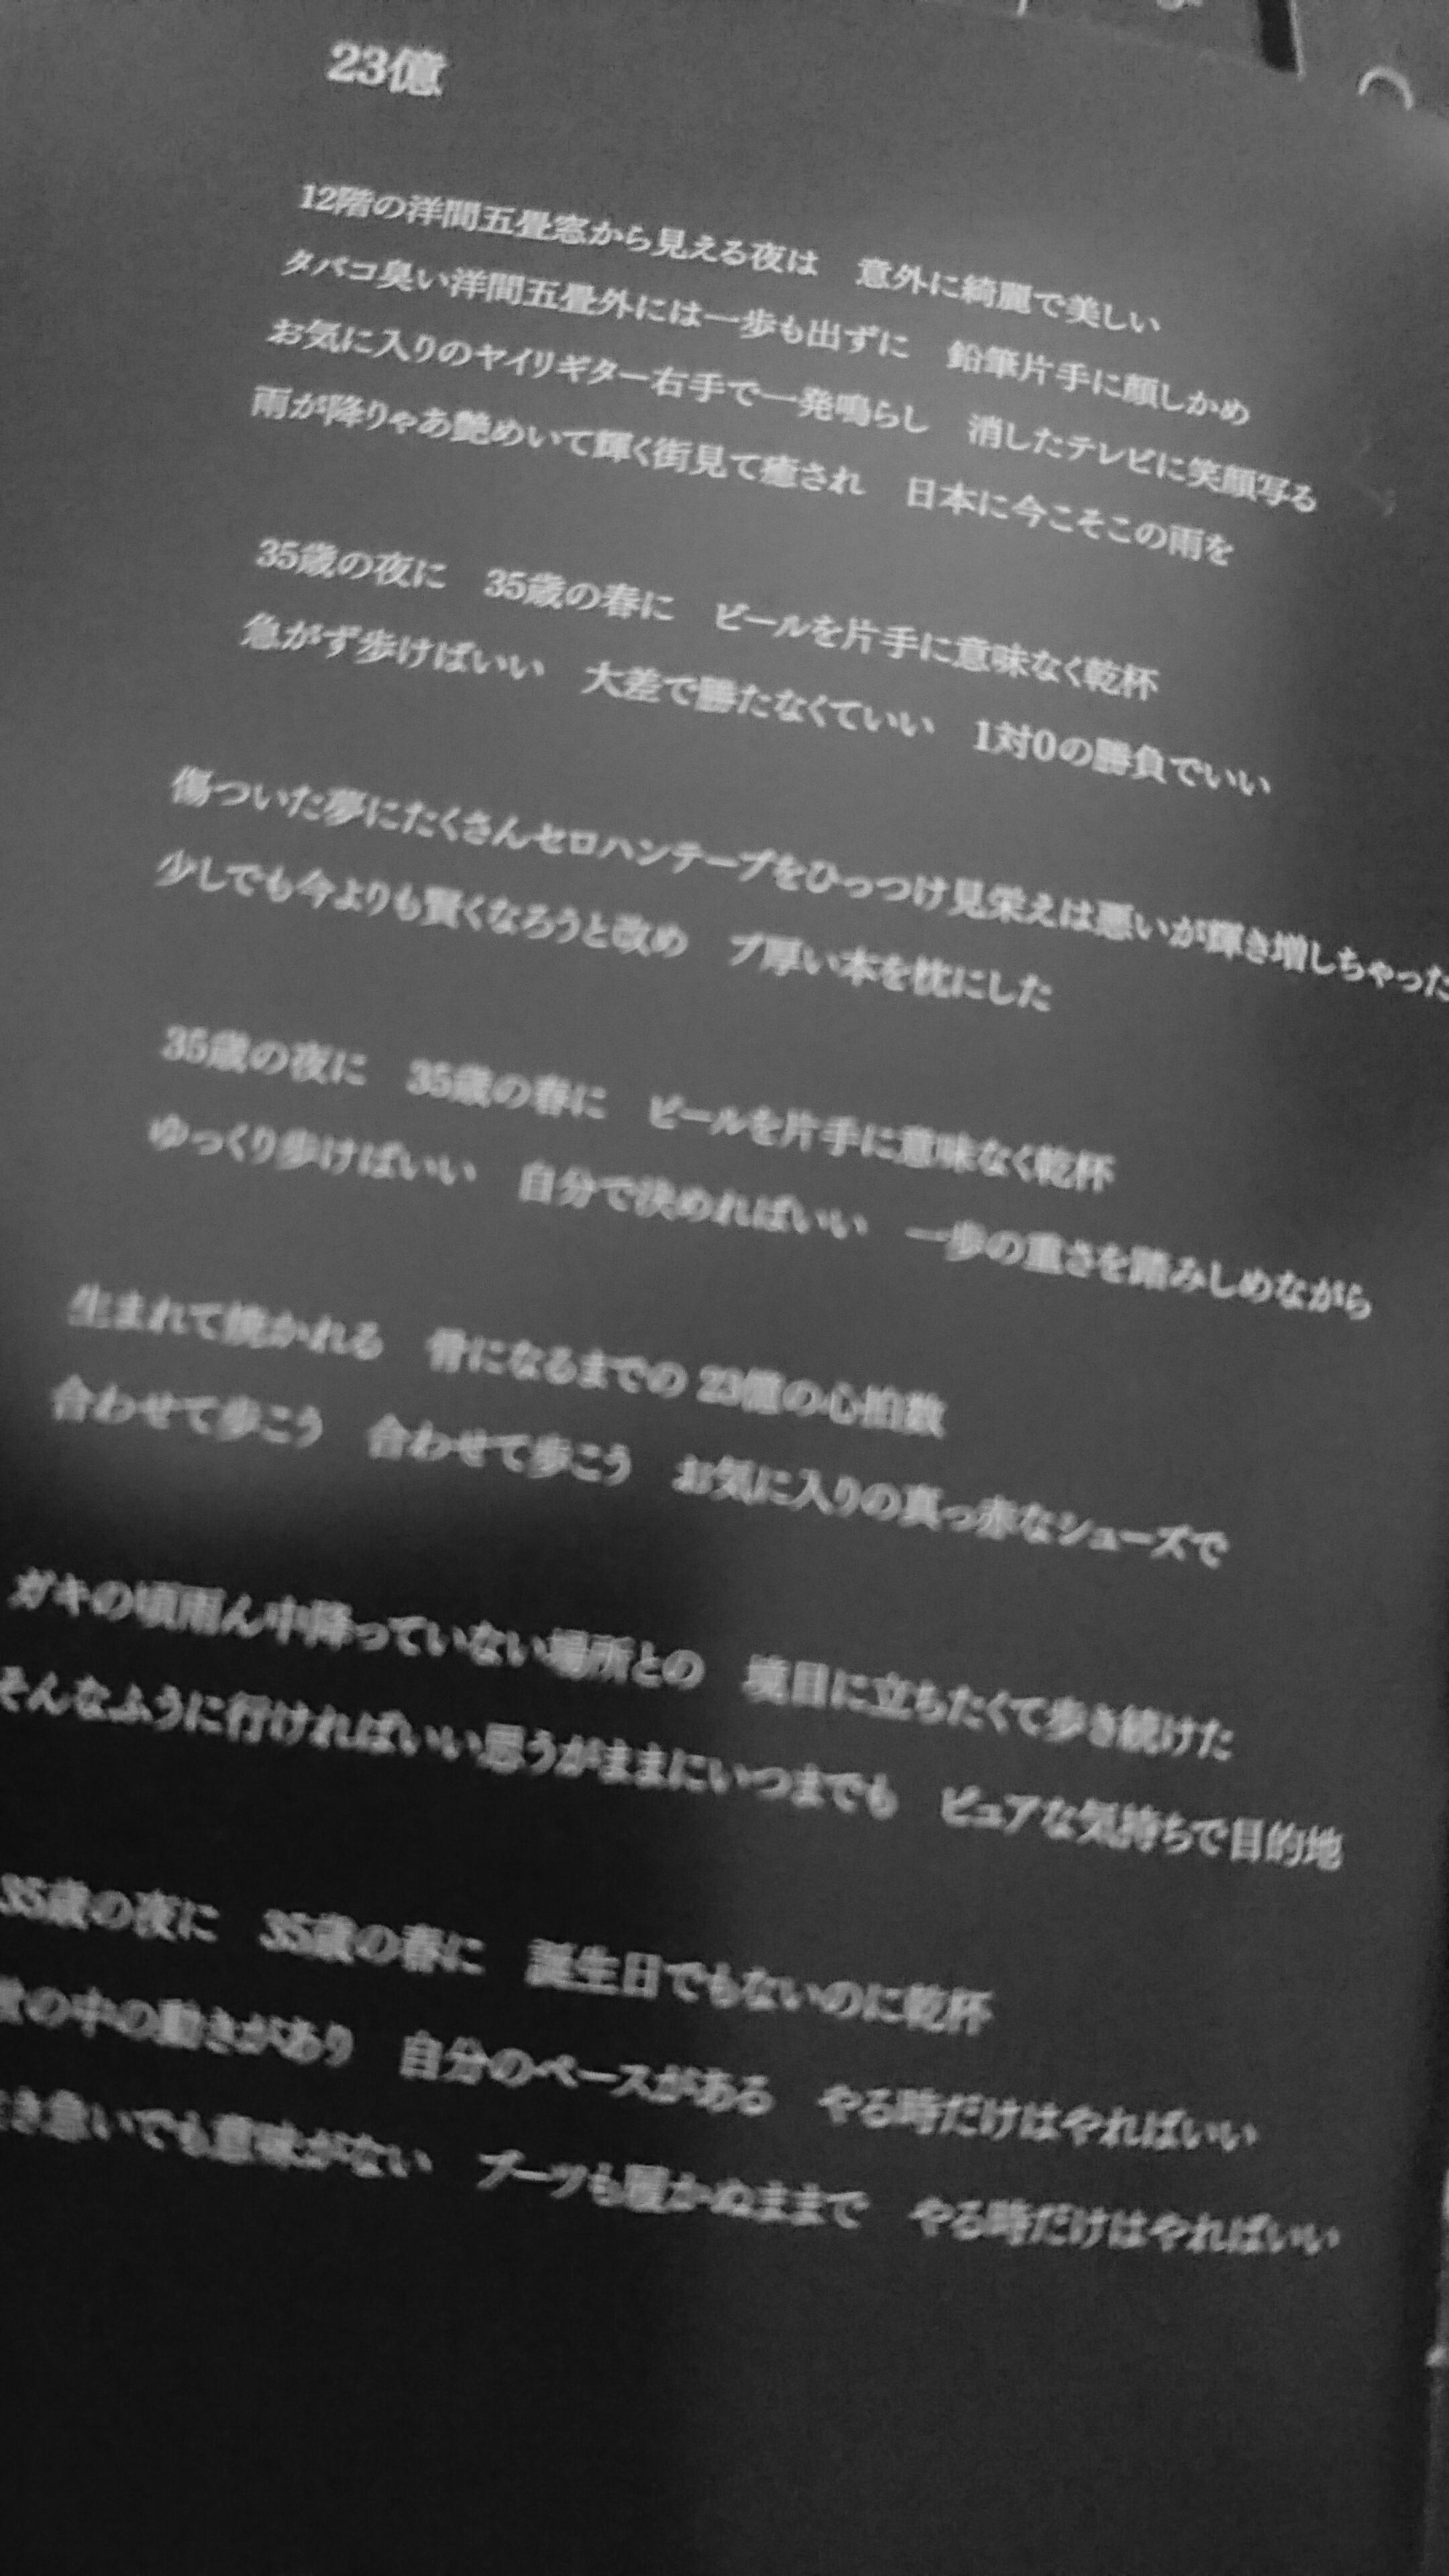 20160925112023ec4.jpg